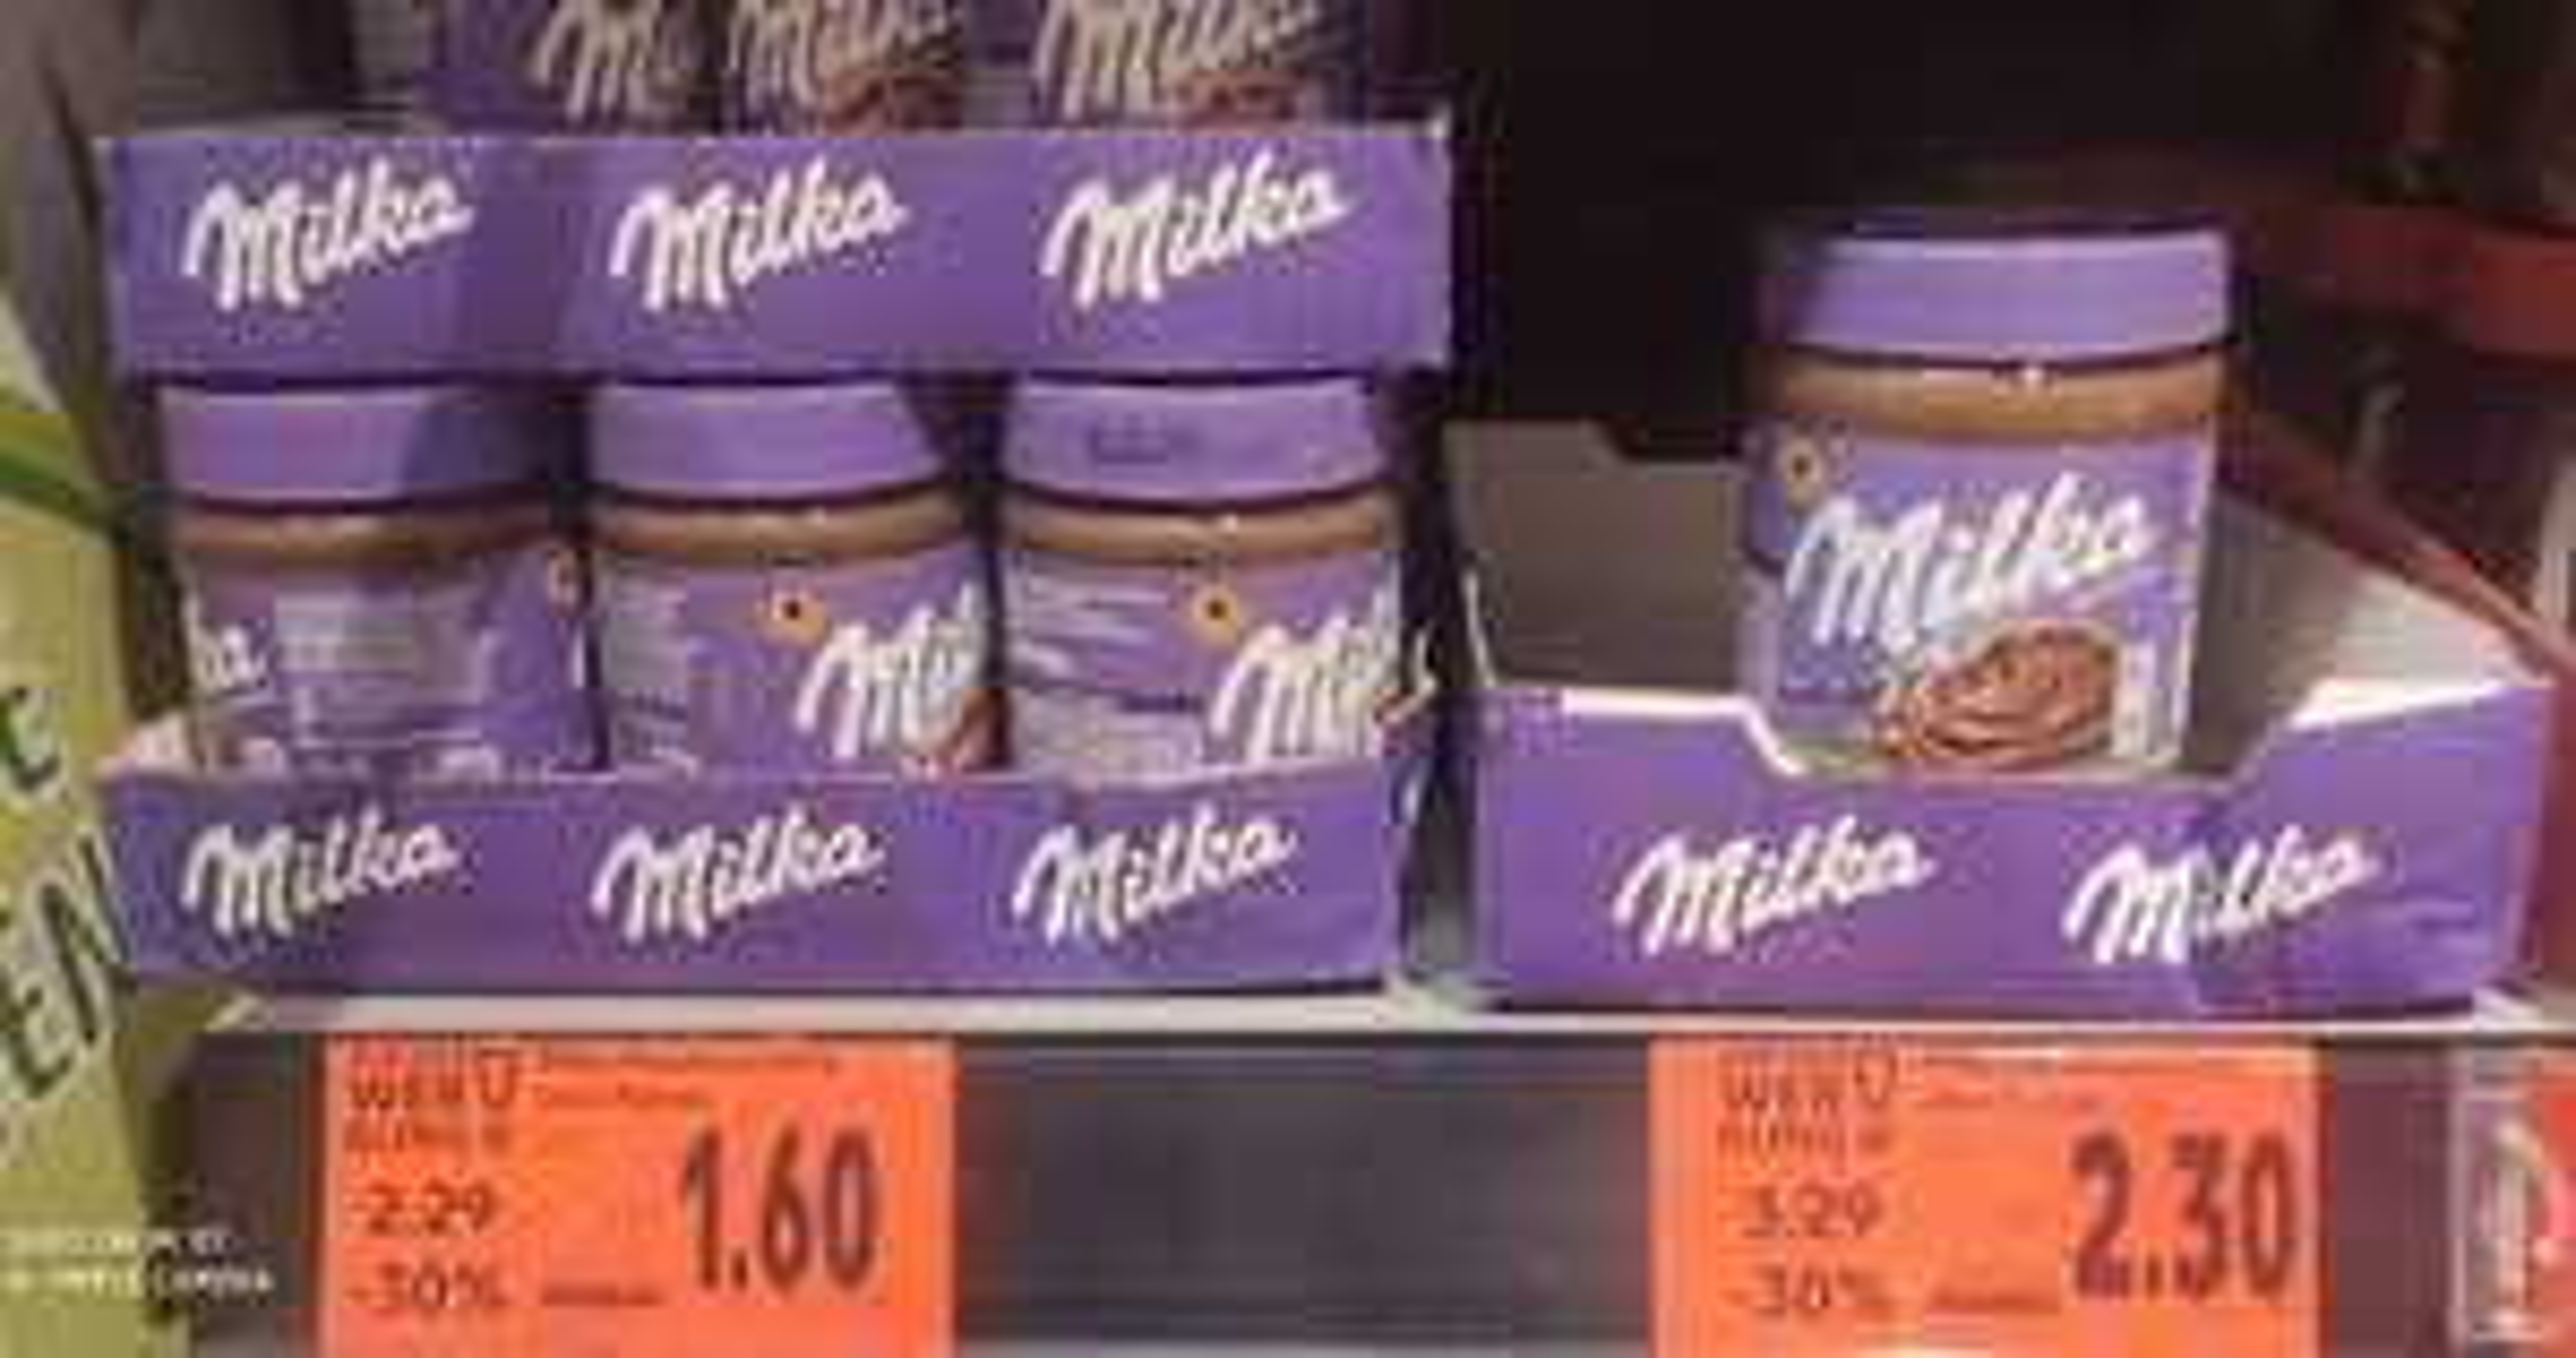 [Kaufland Do-Mi] 30% auf alle Milka Produkte z.b Milka Haselnusscreme 600g für 2,30€ (350g für 1,60€)